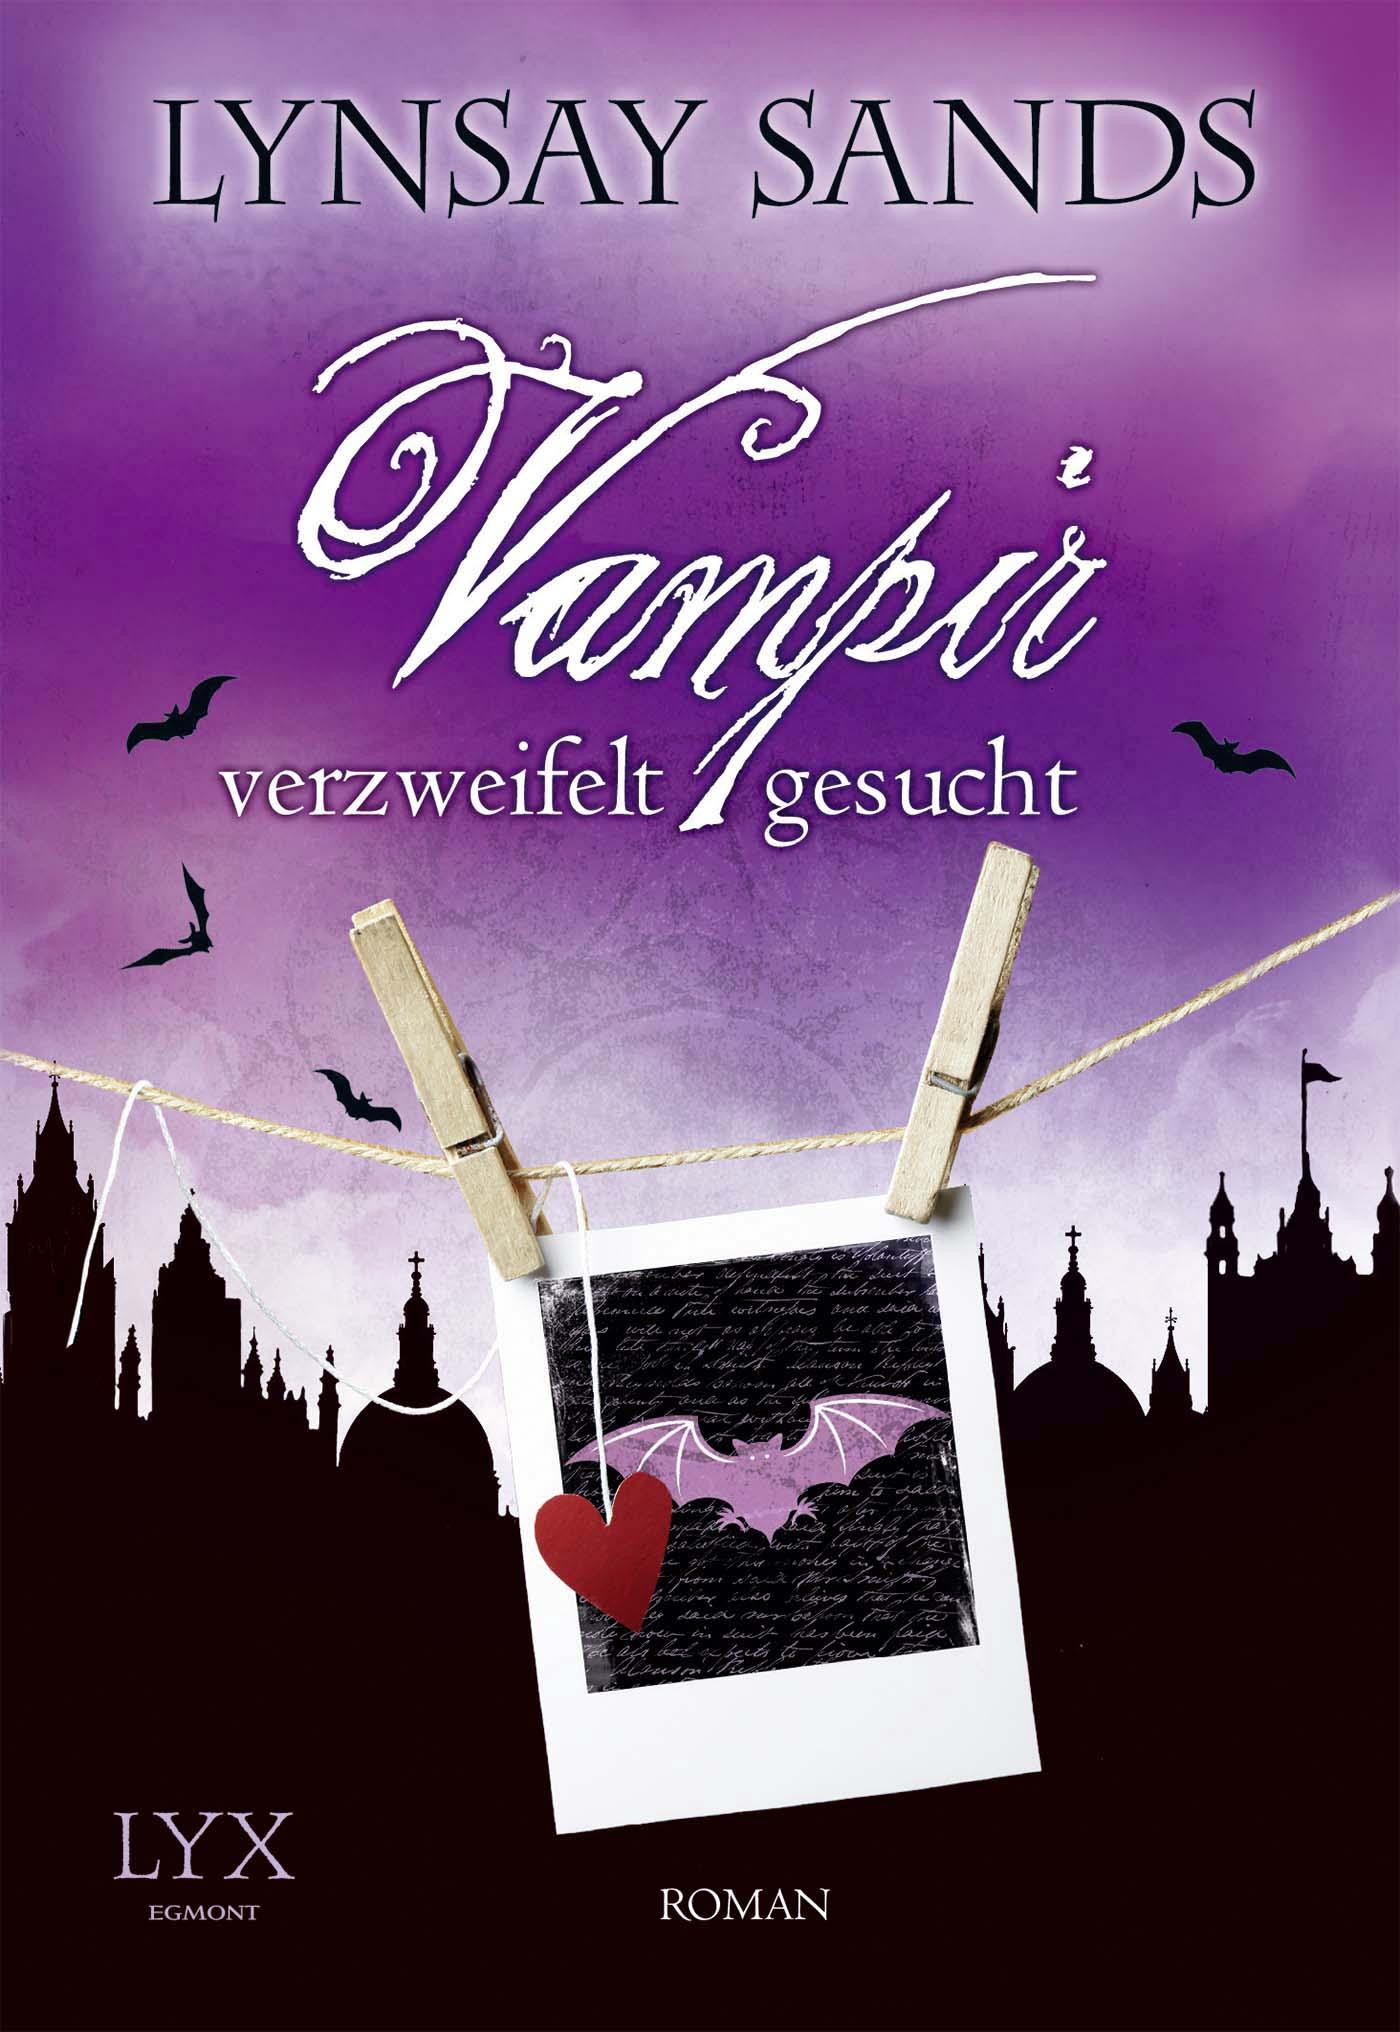 Vampir verzweifelt gesucht - Lynsay Sands [Taschenbuch]